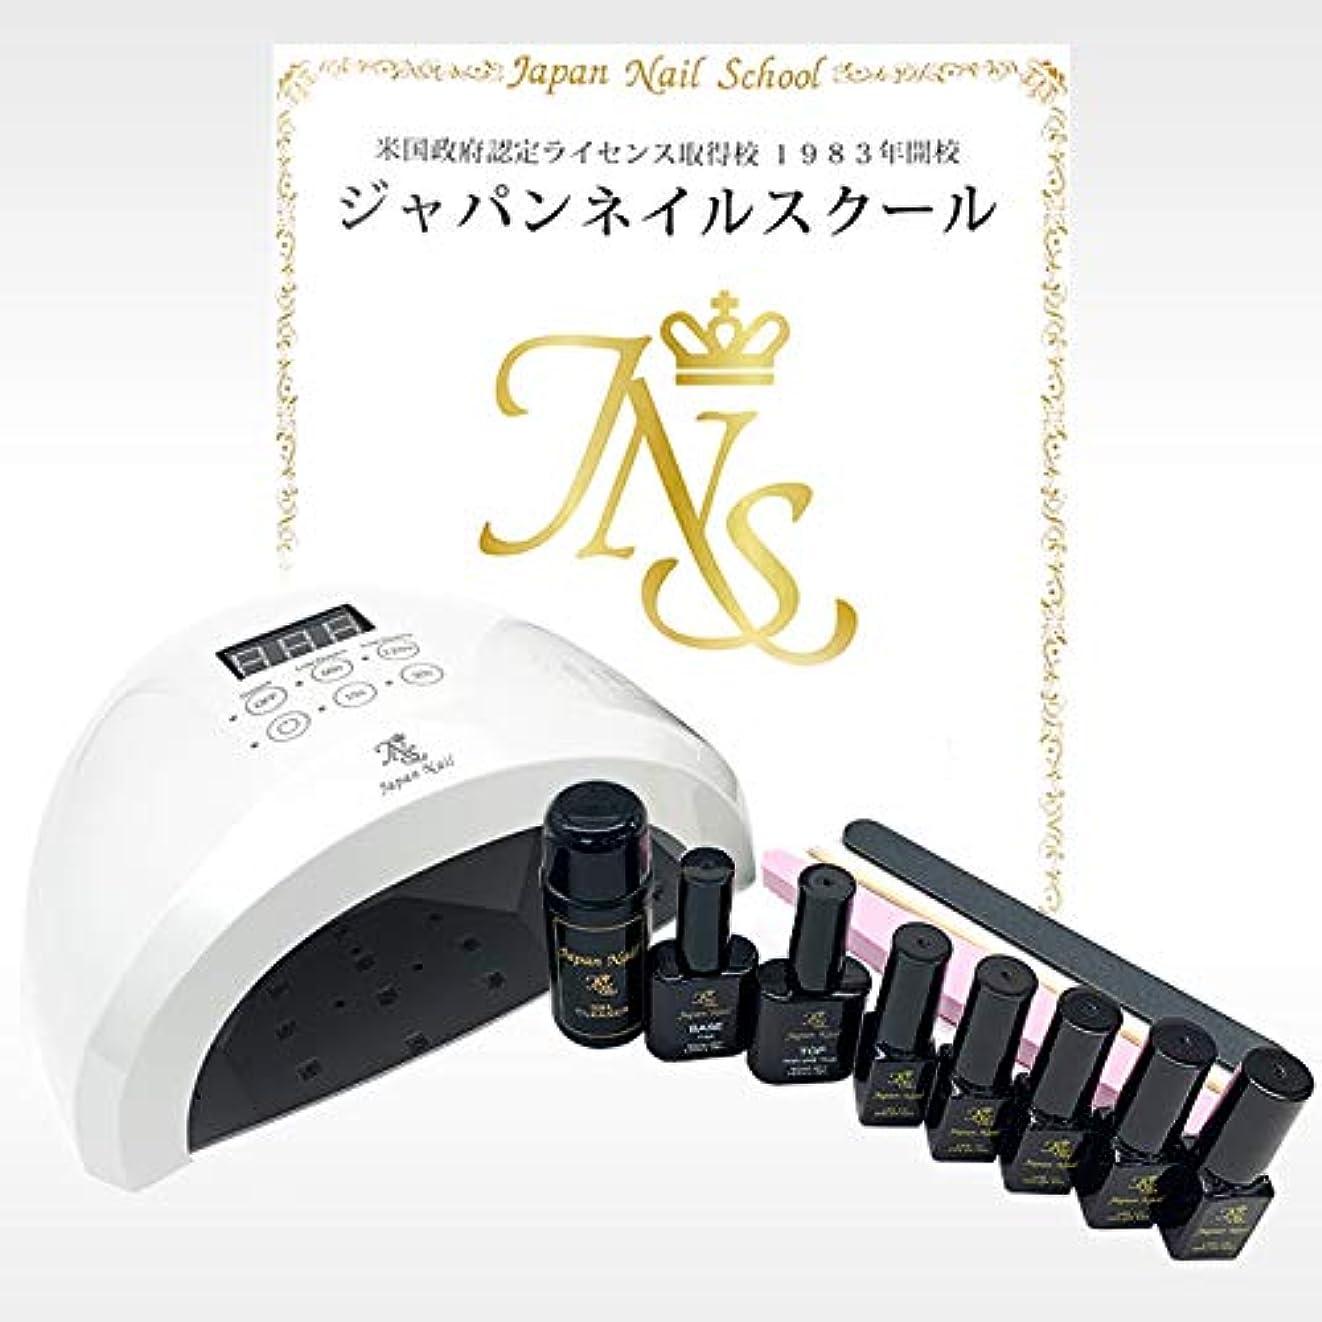 アグネスグレイクラッシュダウン日本製多機能LEDライト付属ジェルネイルキットn2世界初!弱爪?傷爪でもジェルネイルが楽しめる2つのローダウン機能搭載!初心者も安心の5年間サポート付